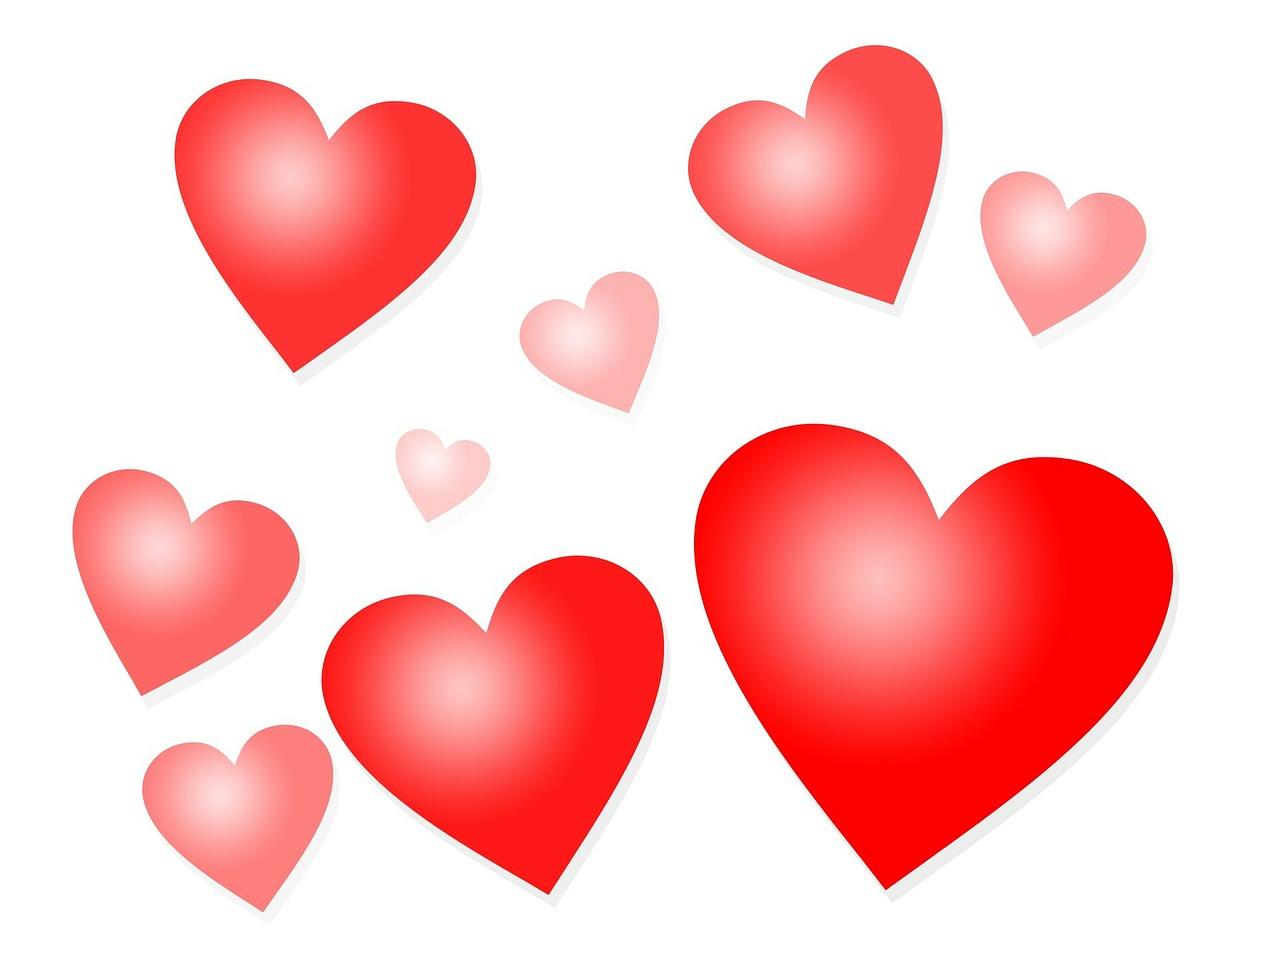 картинки сердечек в пнг на прозрачном фоне так